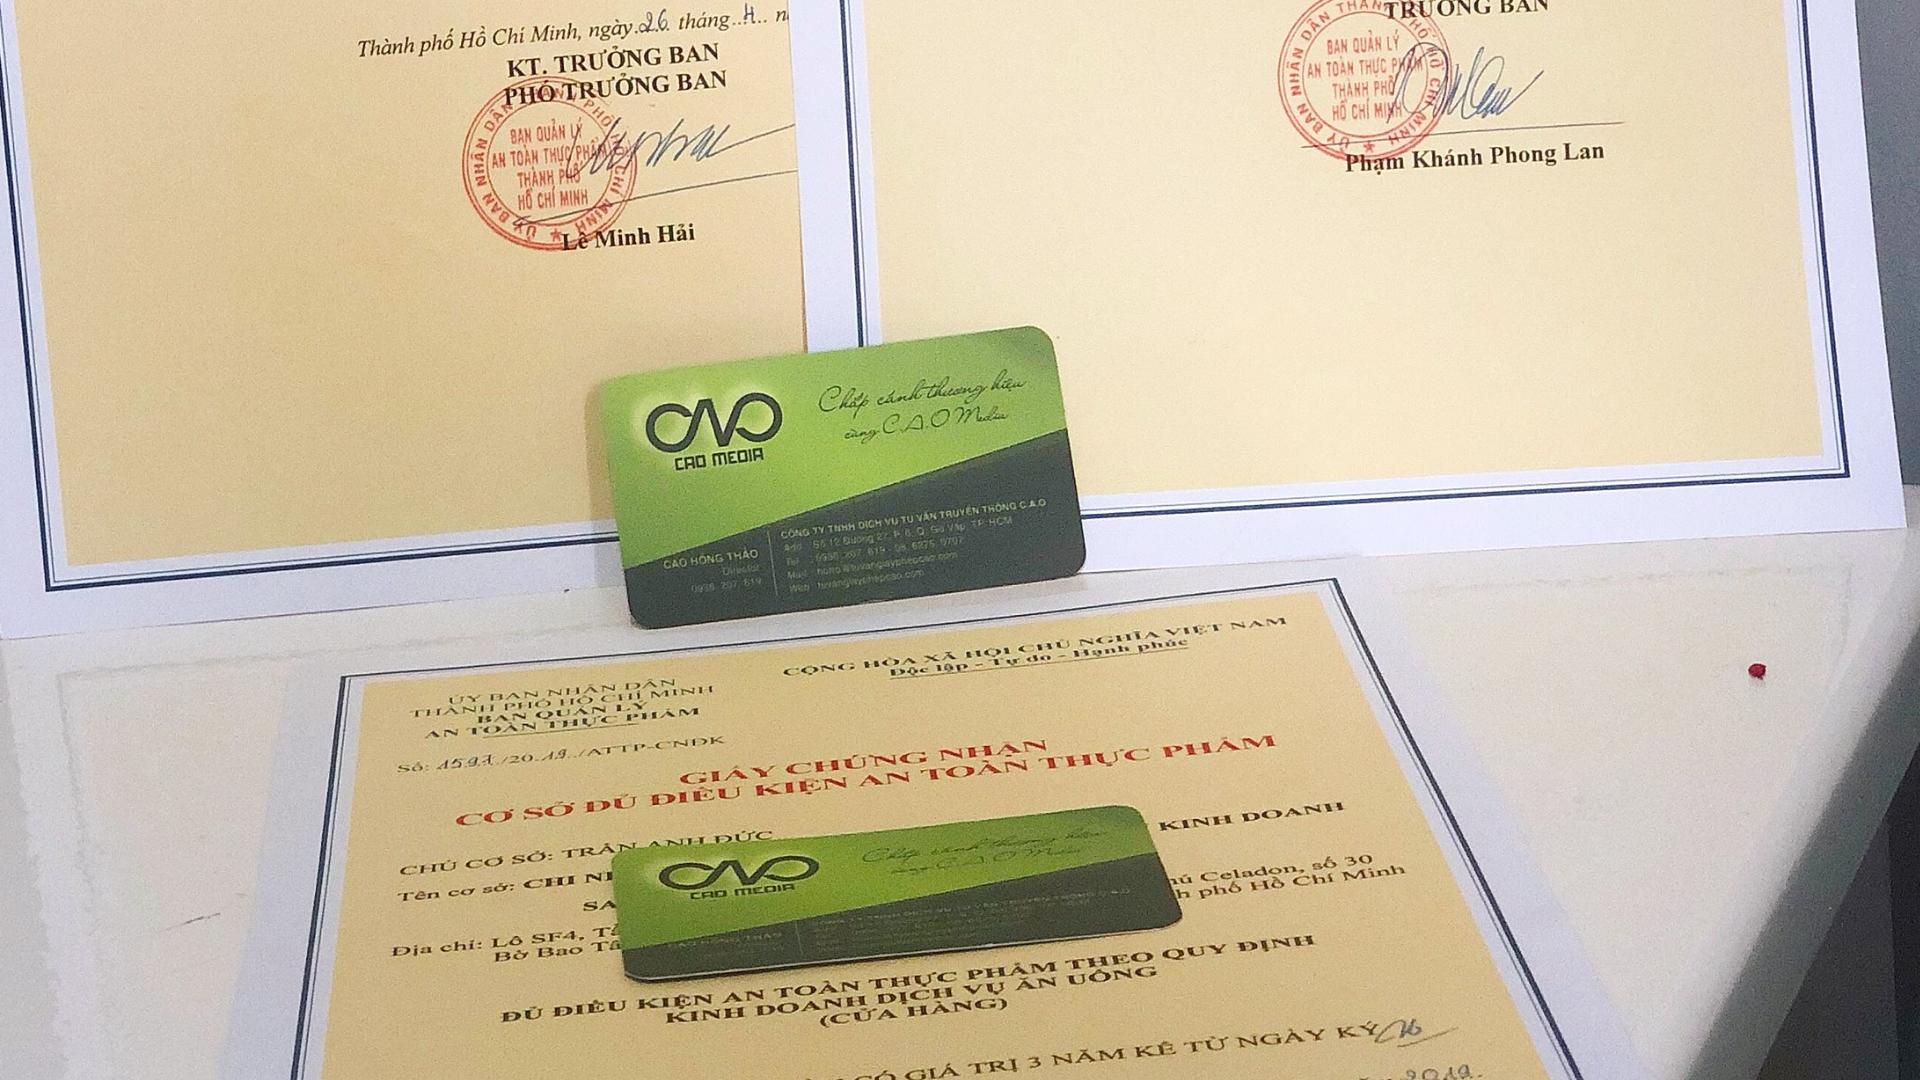 Đăng ký cấp giấy chứng nhận cơ sở đủ điều kiện an toàn thực phẩm